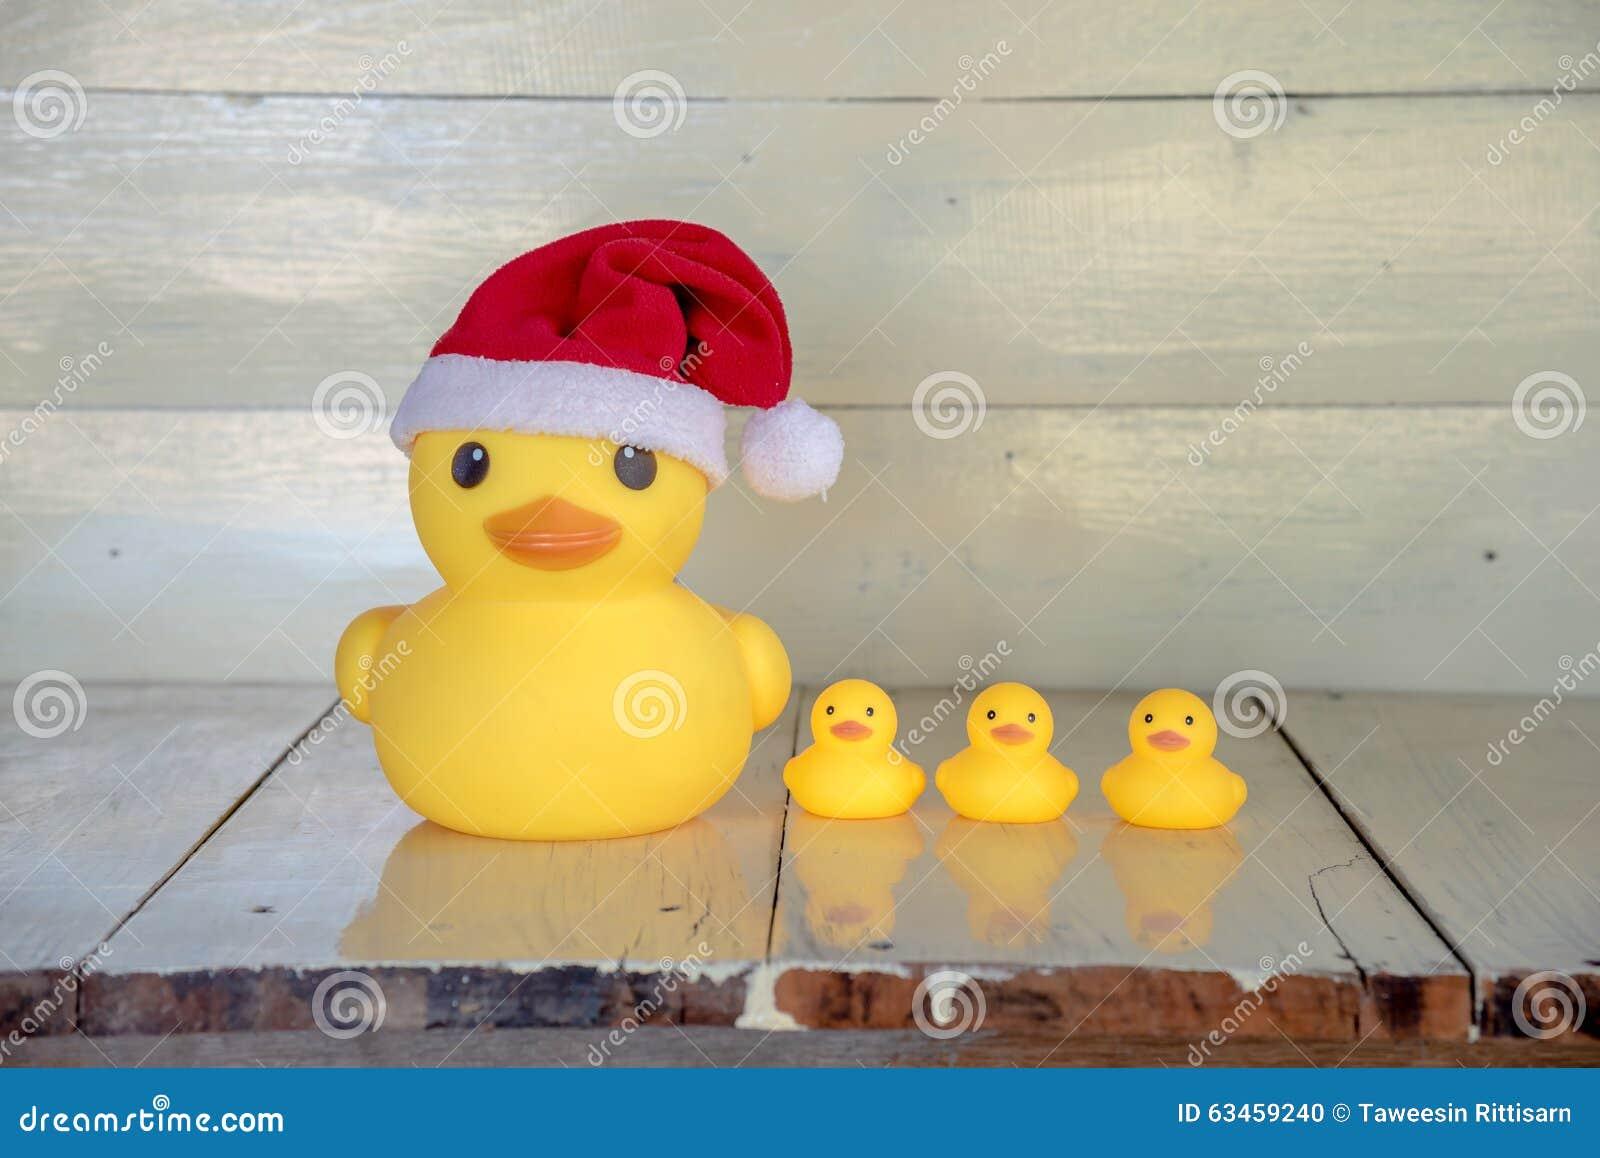 Weihnachtskonzept, Gelber Entenabnutzung Weihnachtsmann-Gummihut ...